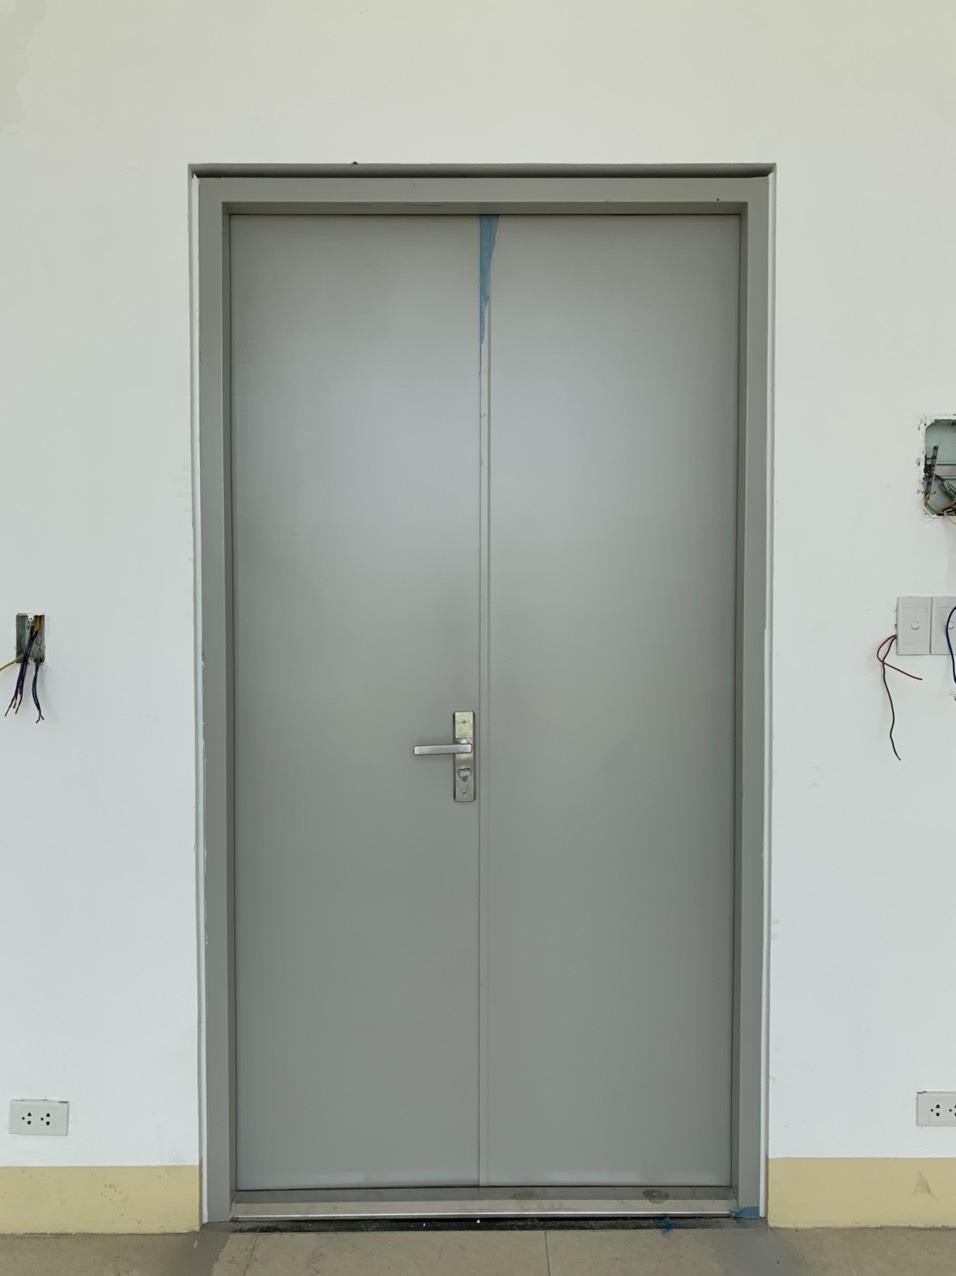 Có nên lắp cửa chống cháy inox hay không?